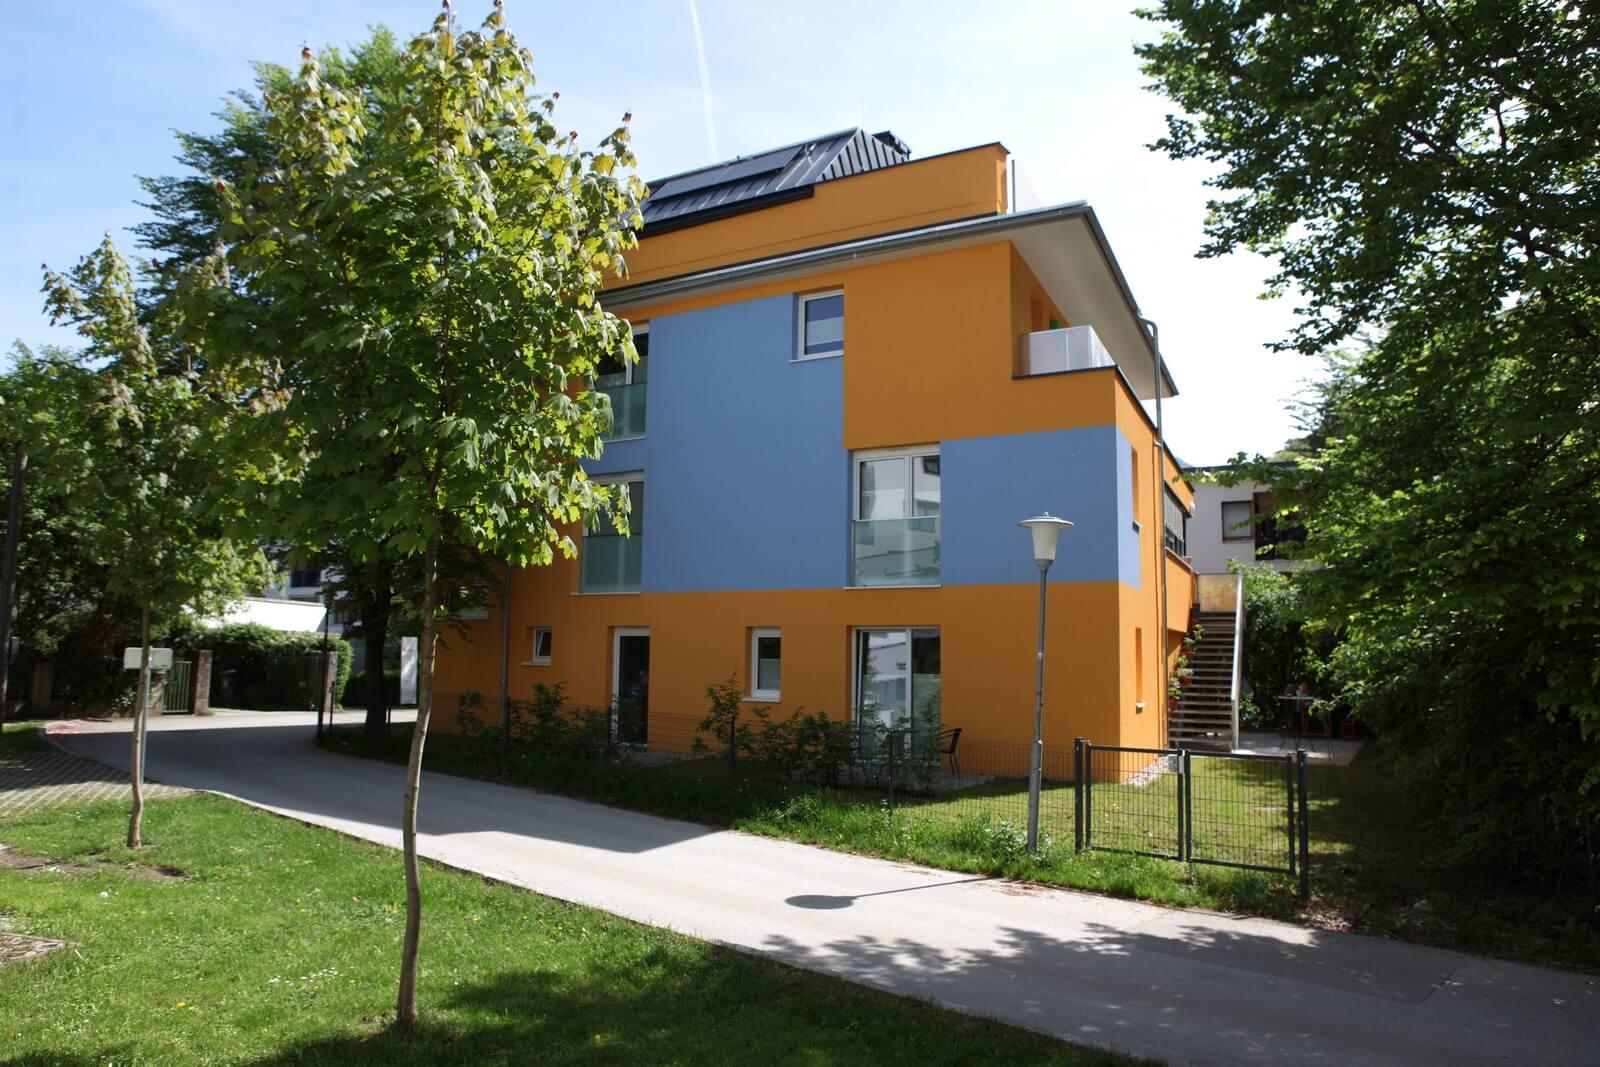 Eröffnung H13 – teilbetreutes sozialtherapeutisches Wohnen in Salzburg